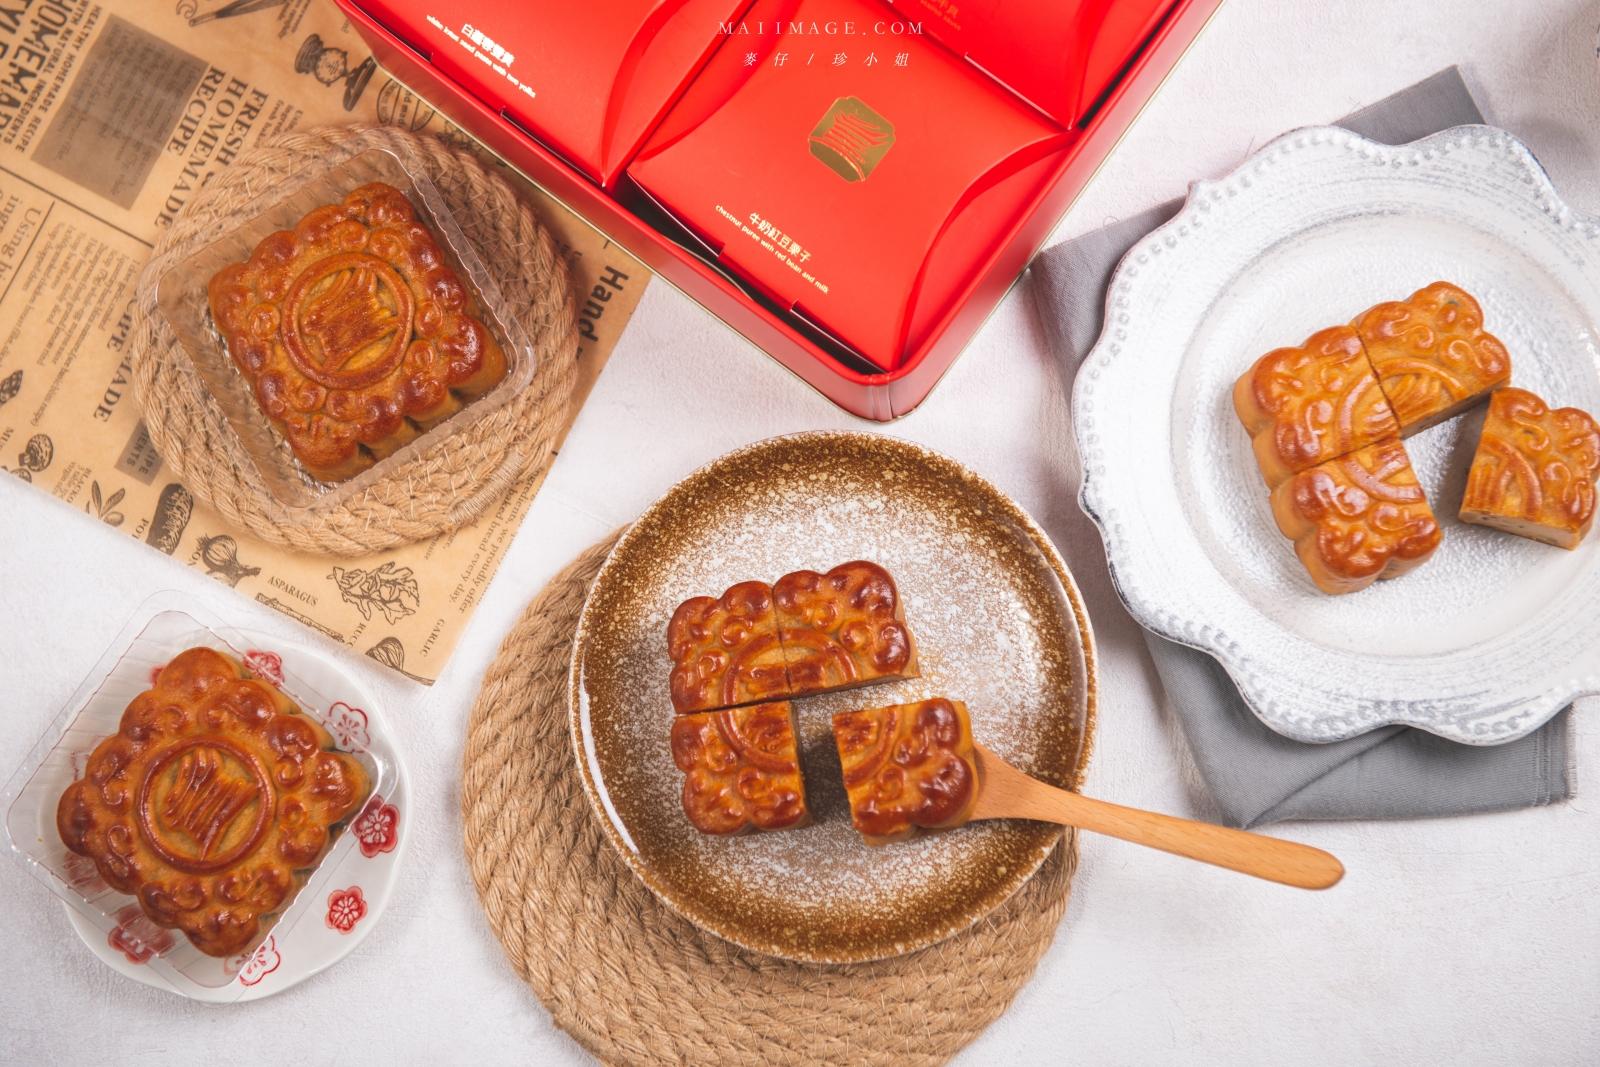 你吃過會唱歌的月餅嗎?今年換點不一樣的月餅禮盒吧。圓山飯店全新推出『圓山音樂寶盒月餅』